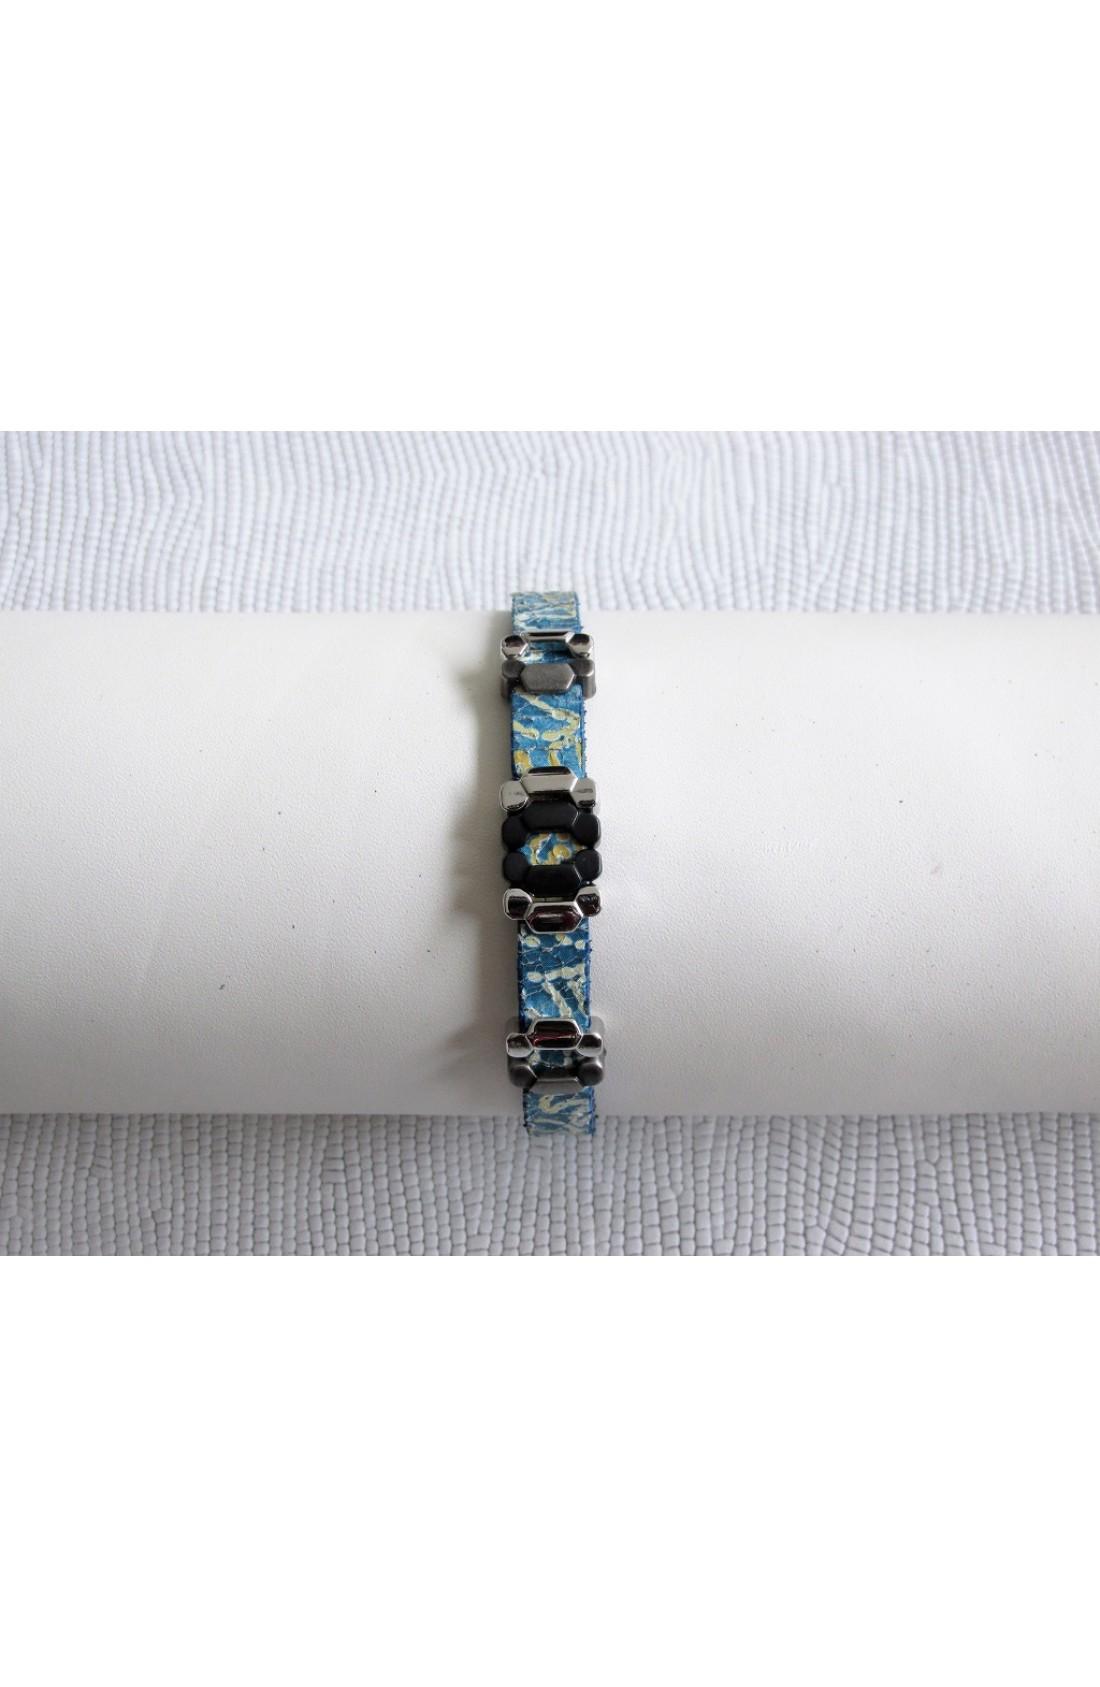 art. 10004 BRACCIALETTO mm.8 INDIAN anticato effetto decorativo cracklè var.55 turchese (1)